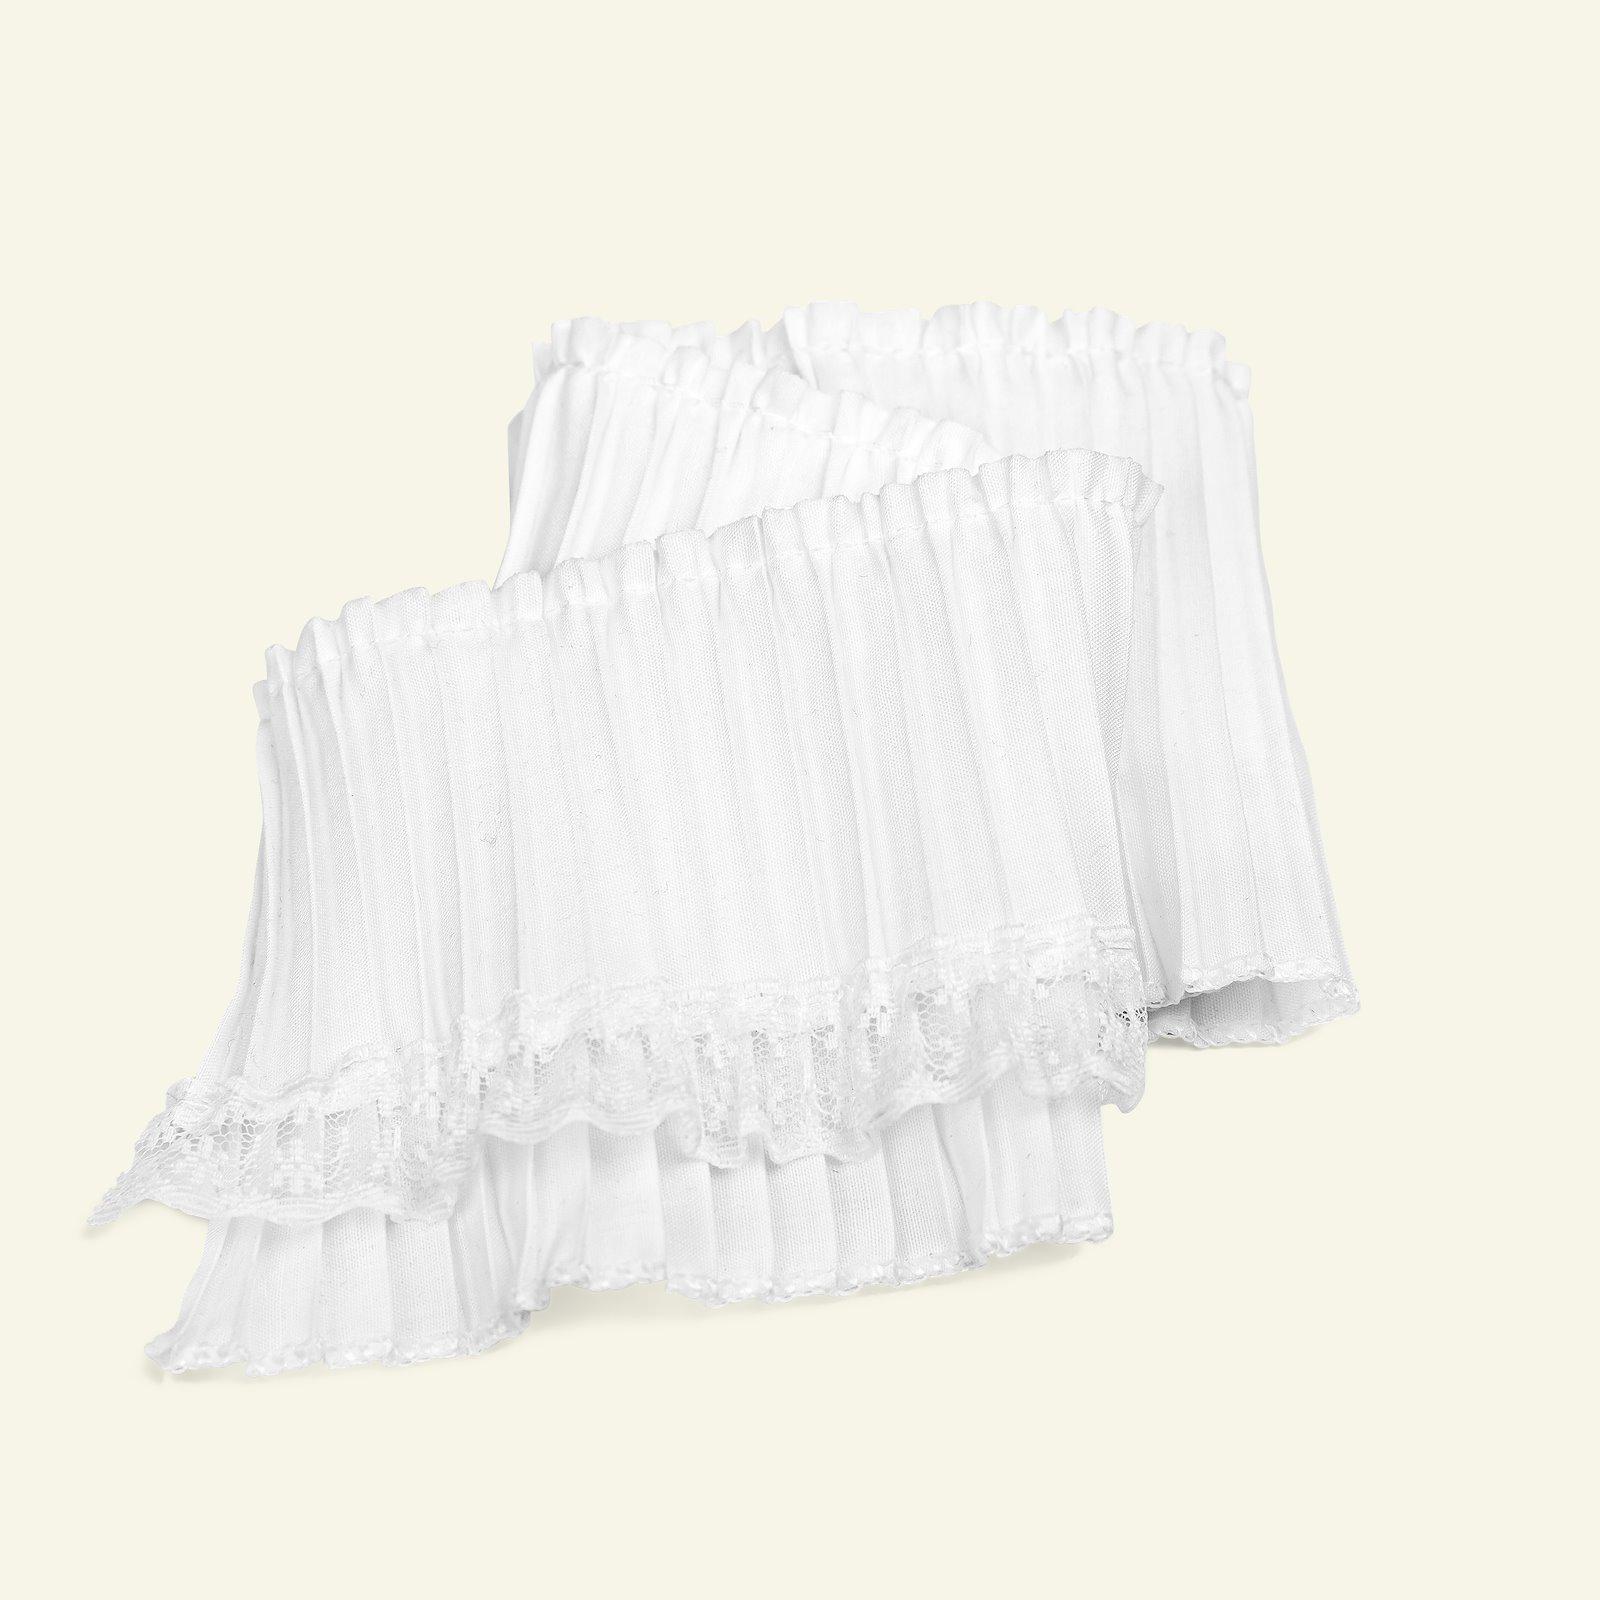 Pleat w/lace 8x120cm white 1pcs 96322_pack